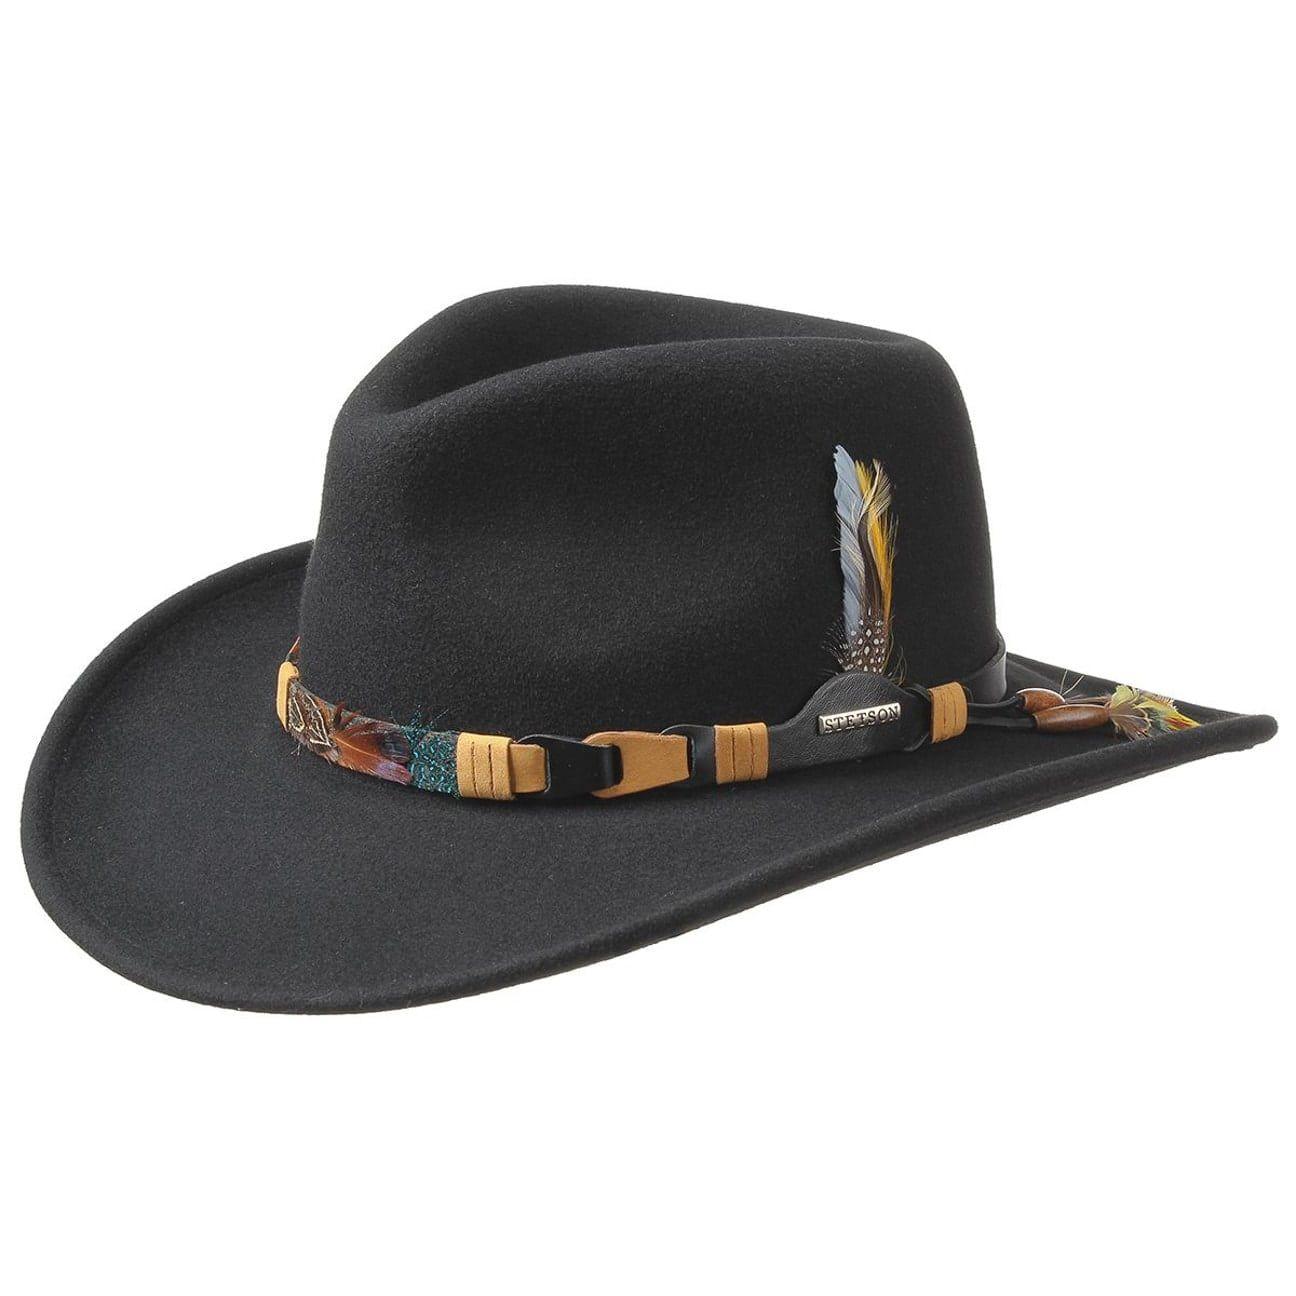 Kingsley VitaFelt Western Hat black